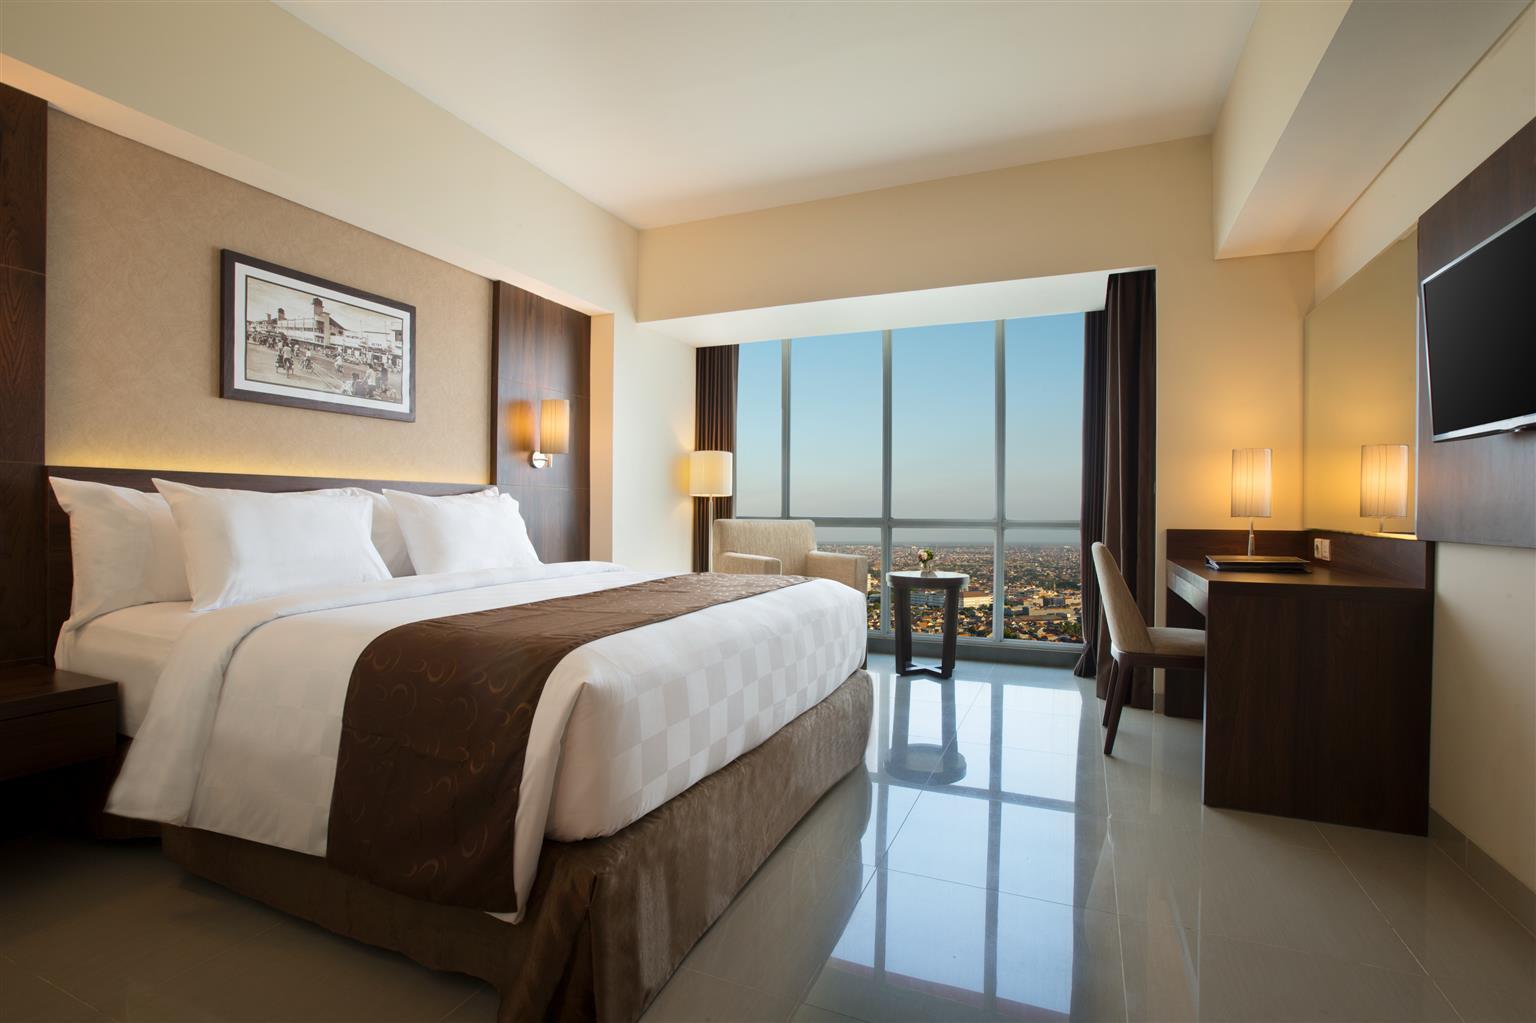 99805 000 Exterior 001 Lobby 002 Guestroom 003 004 005 006 007